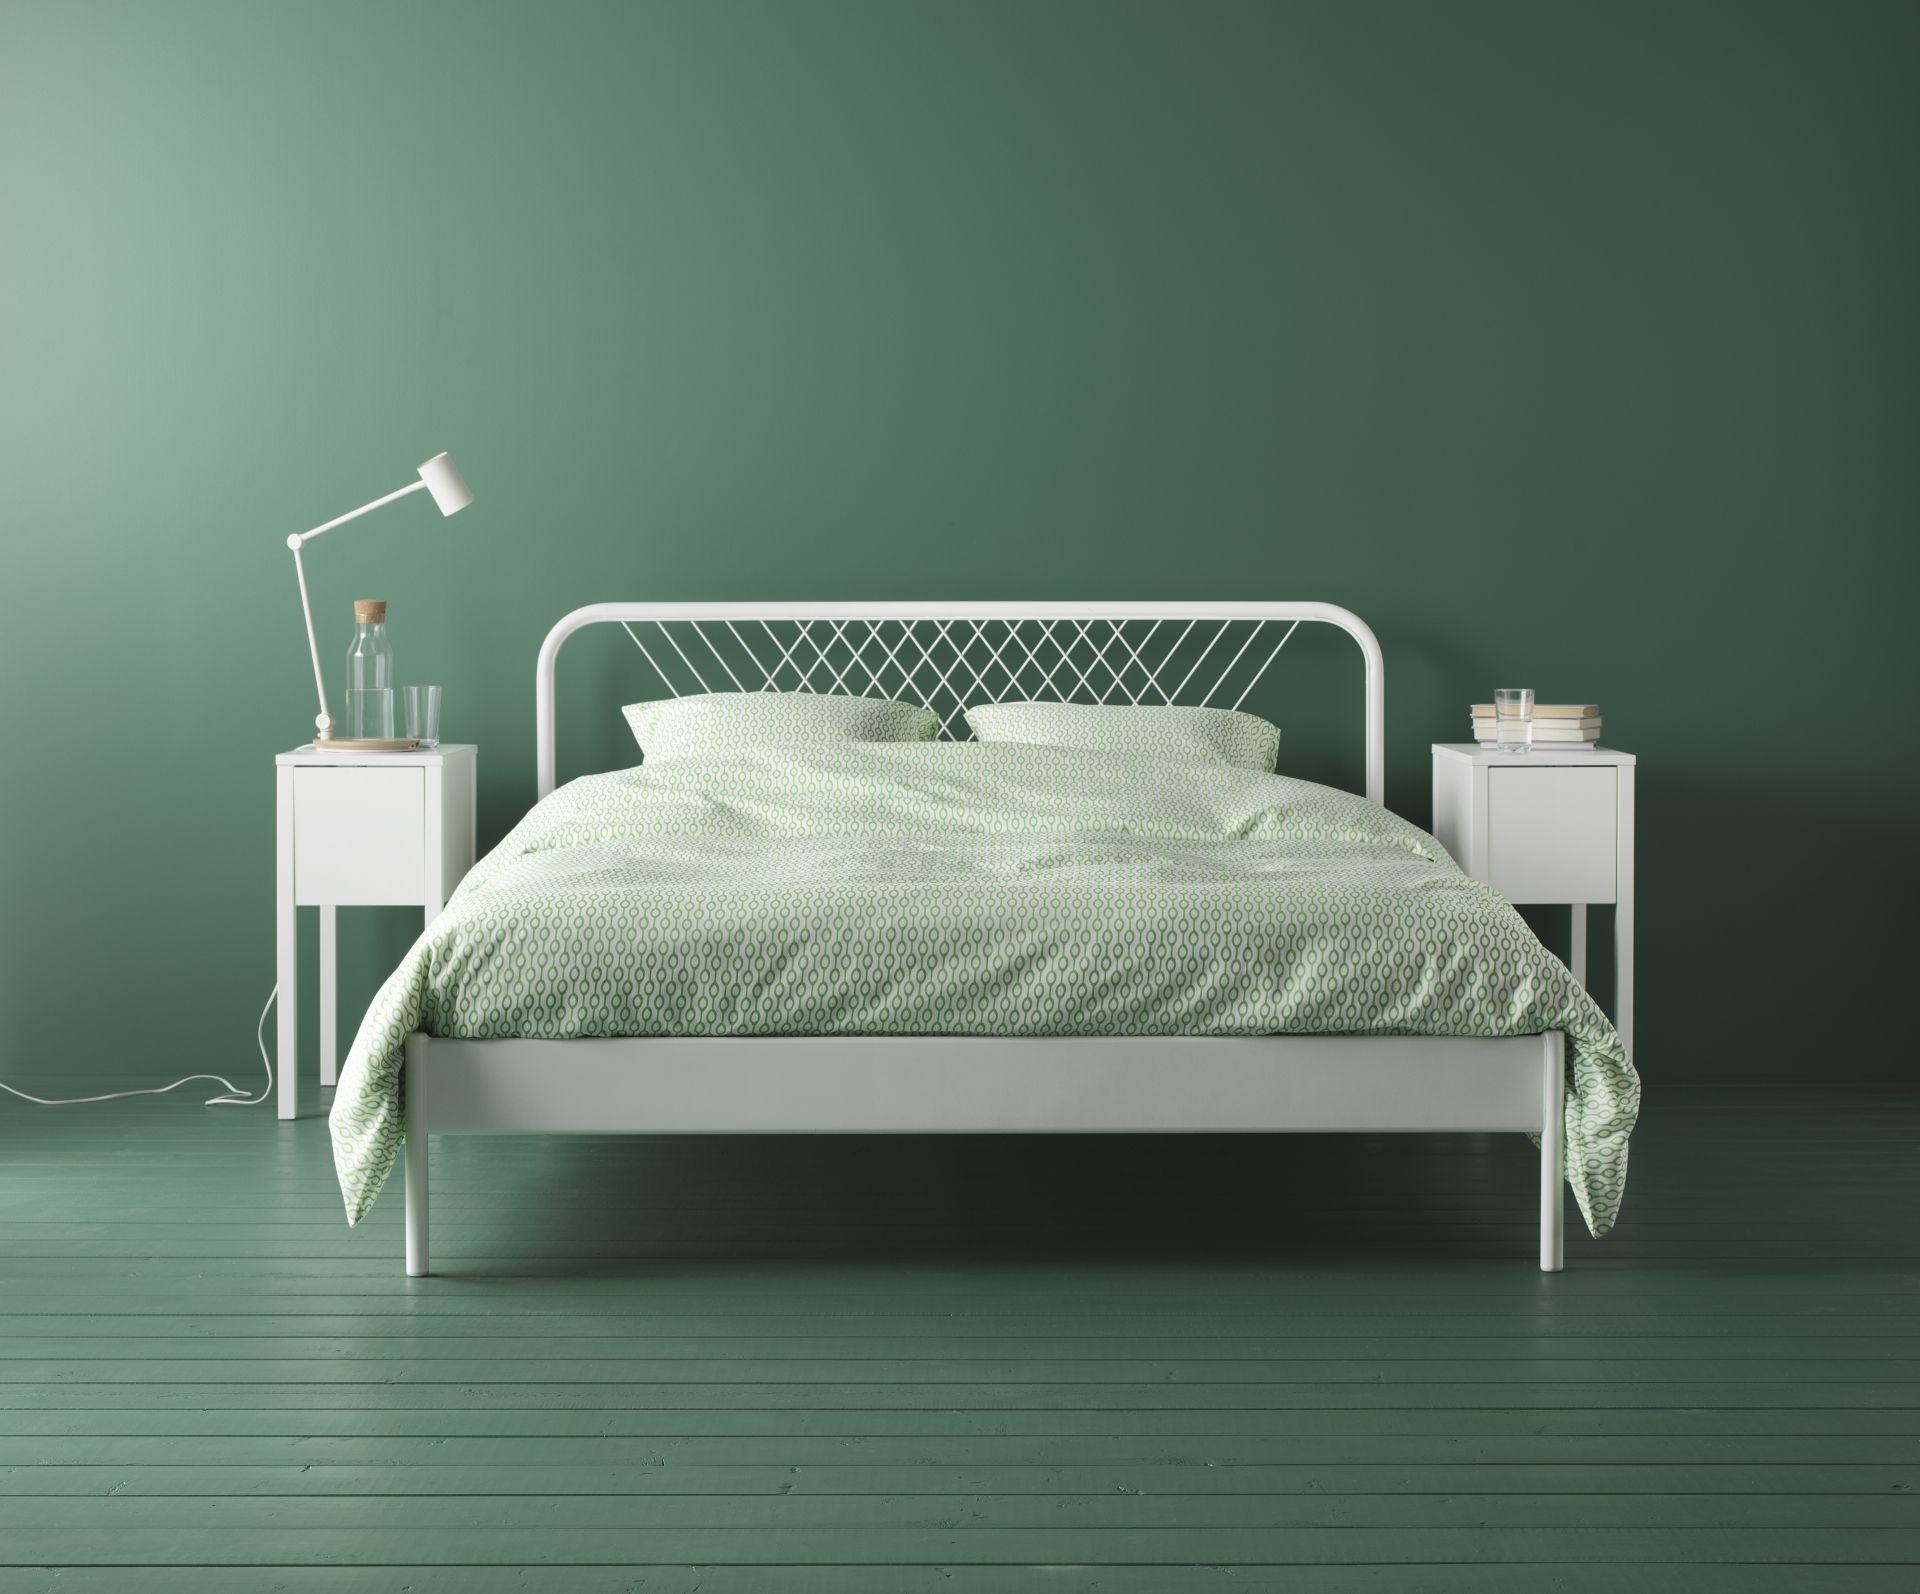 NESTTUN Bed frame white Lönset